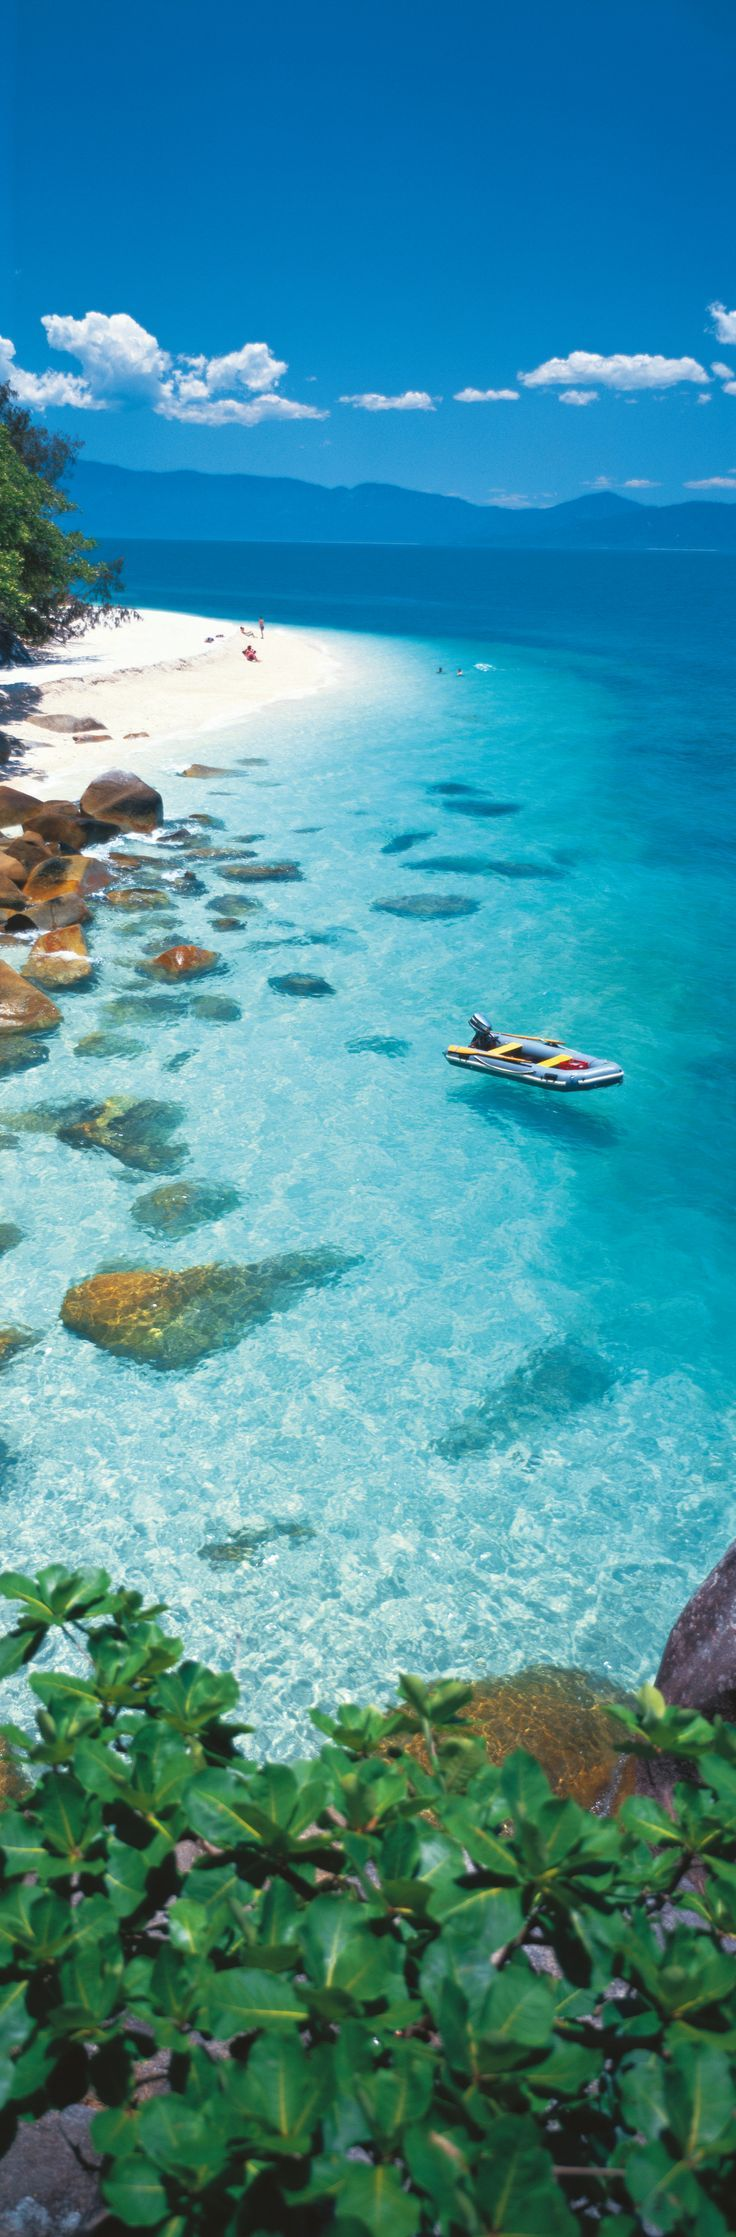 Schwebt das Boot? Nein! An einem Strand mit so kristallklarem Wasser würden wir gerne mal schwimmen gehen.. :-) https://www.travelcircus.de